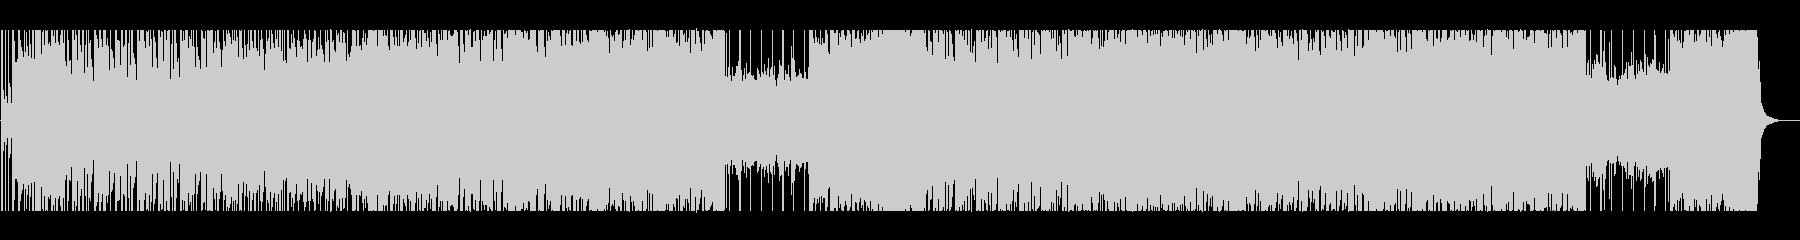 ハードロック調のインスト曲の未再生の波形